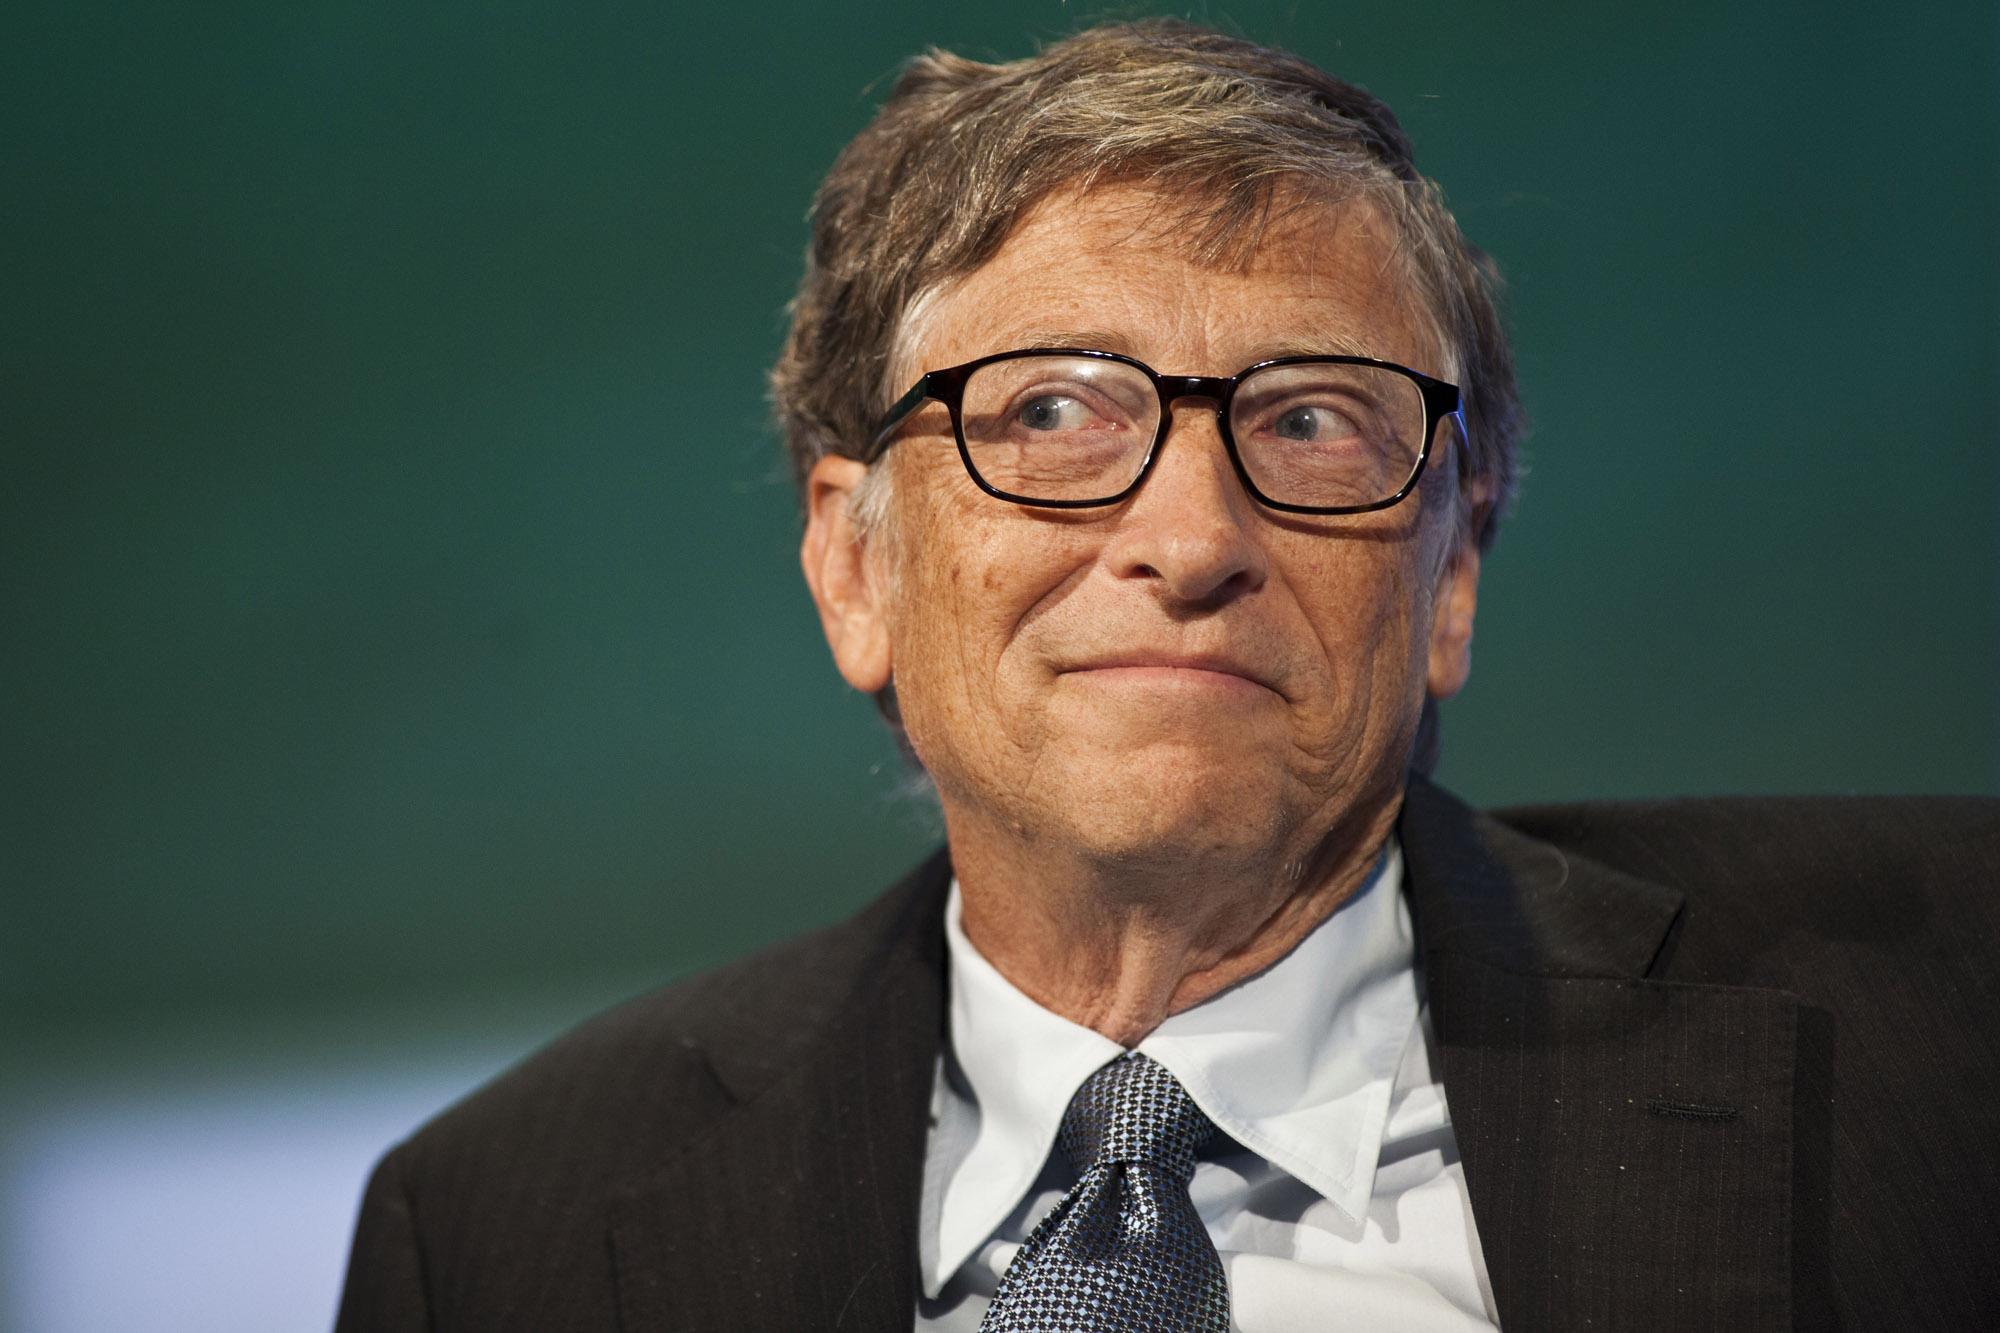 Bill Gates je resda nesramno bogat, a je tudi velik filantrop.